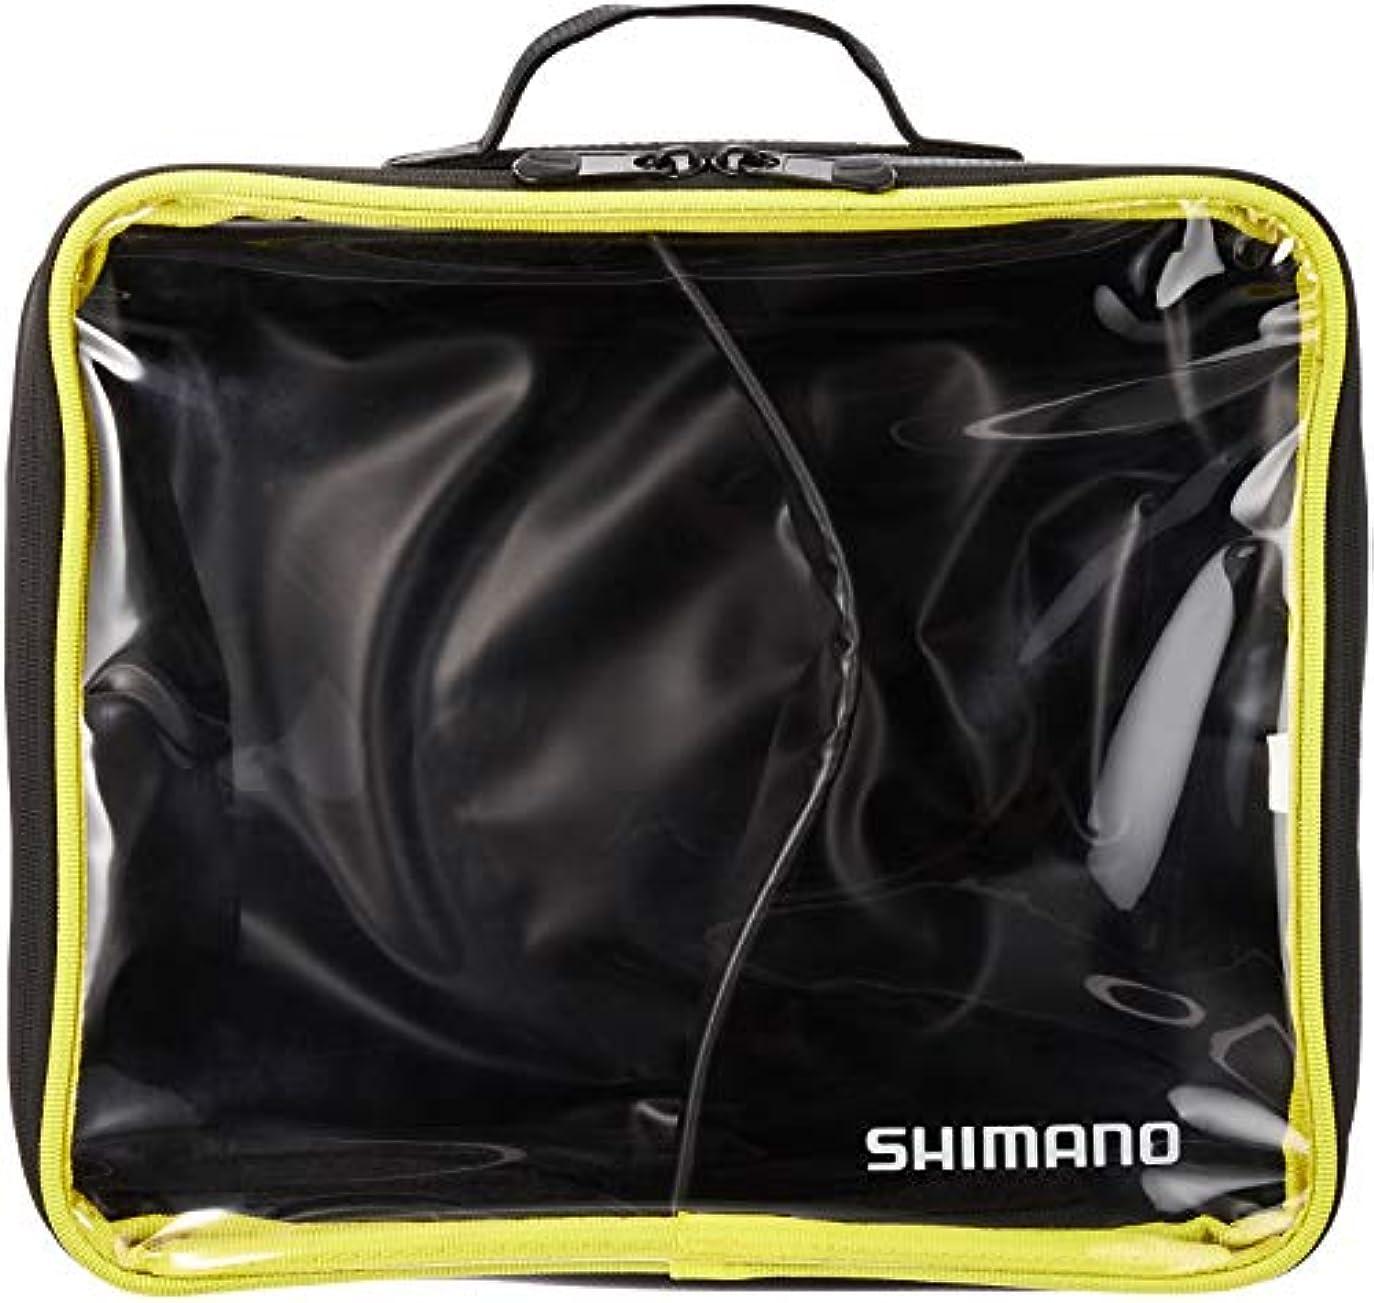 フロー極貧改革シマノ(SHIMANO) へらバッグ へらボウルポーチ ブラック PC-024Q